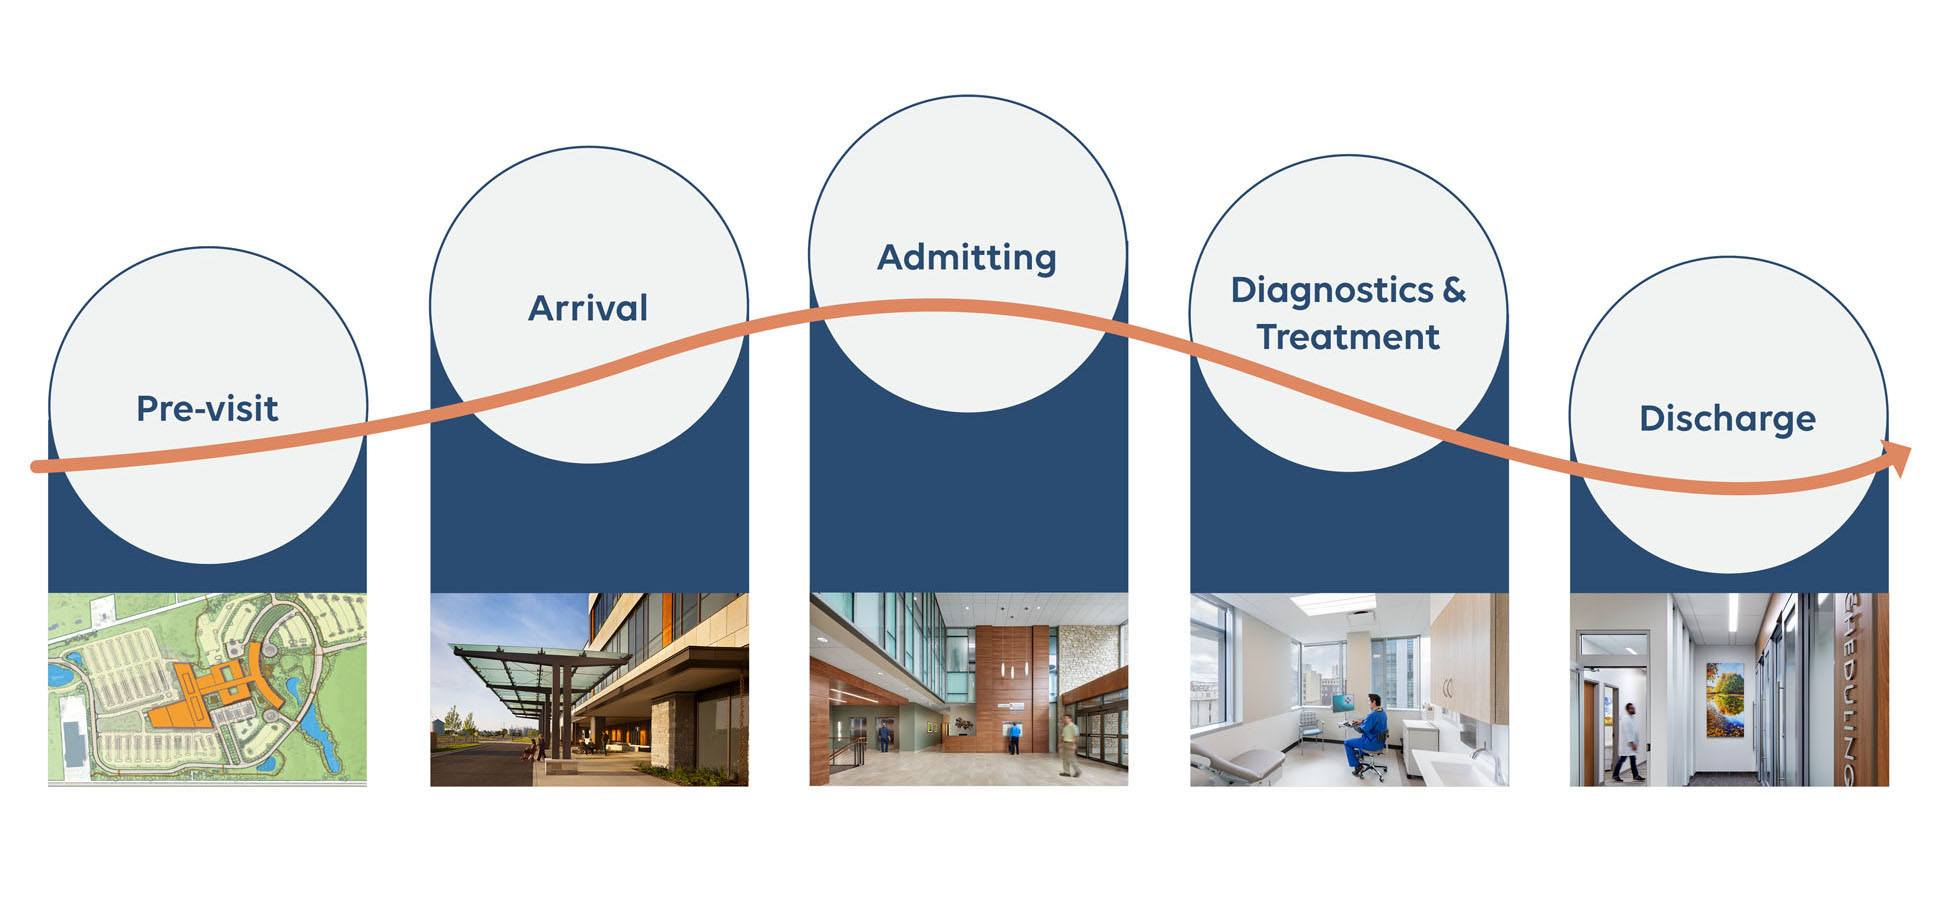 Emerging Patient Needs in healthcare